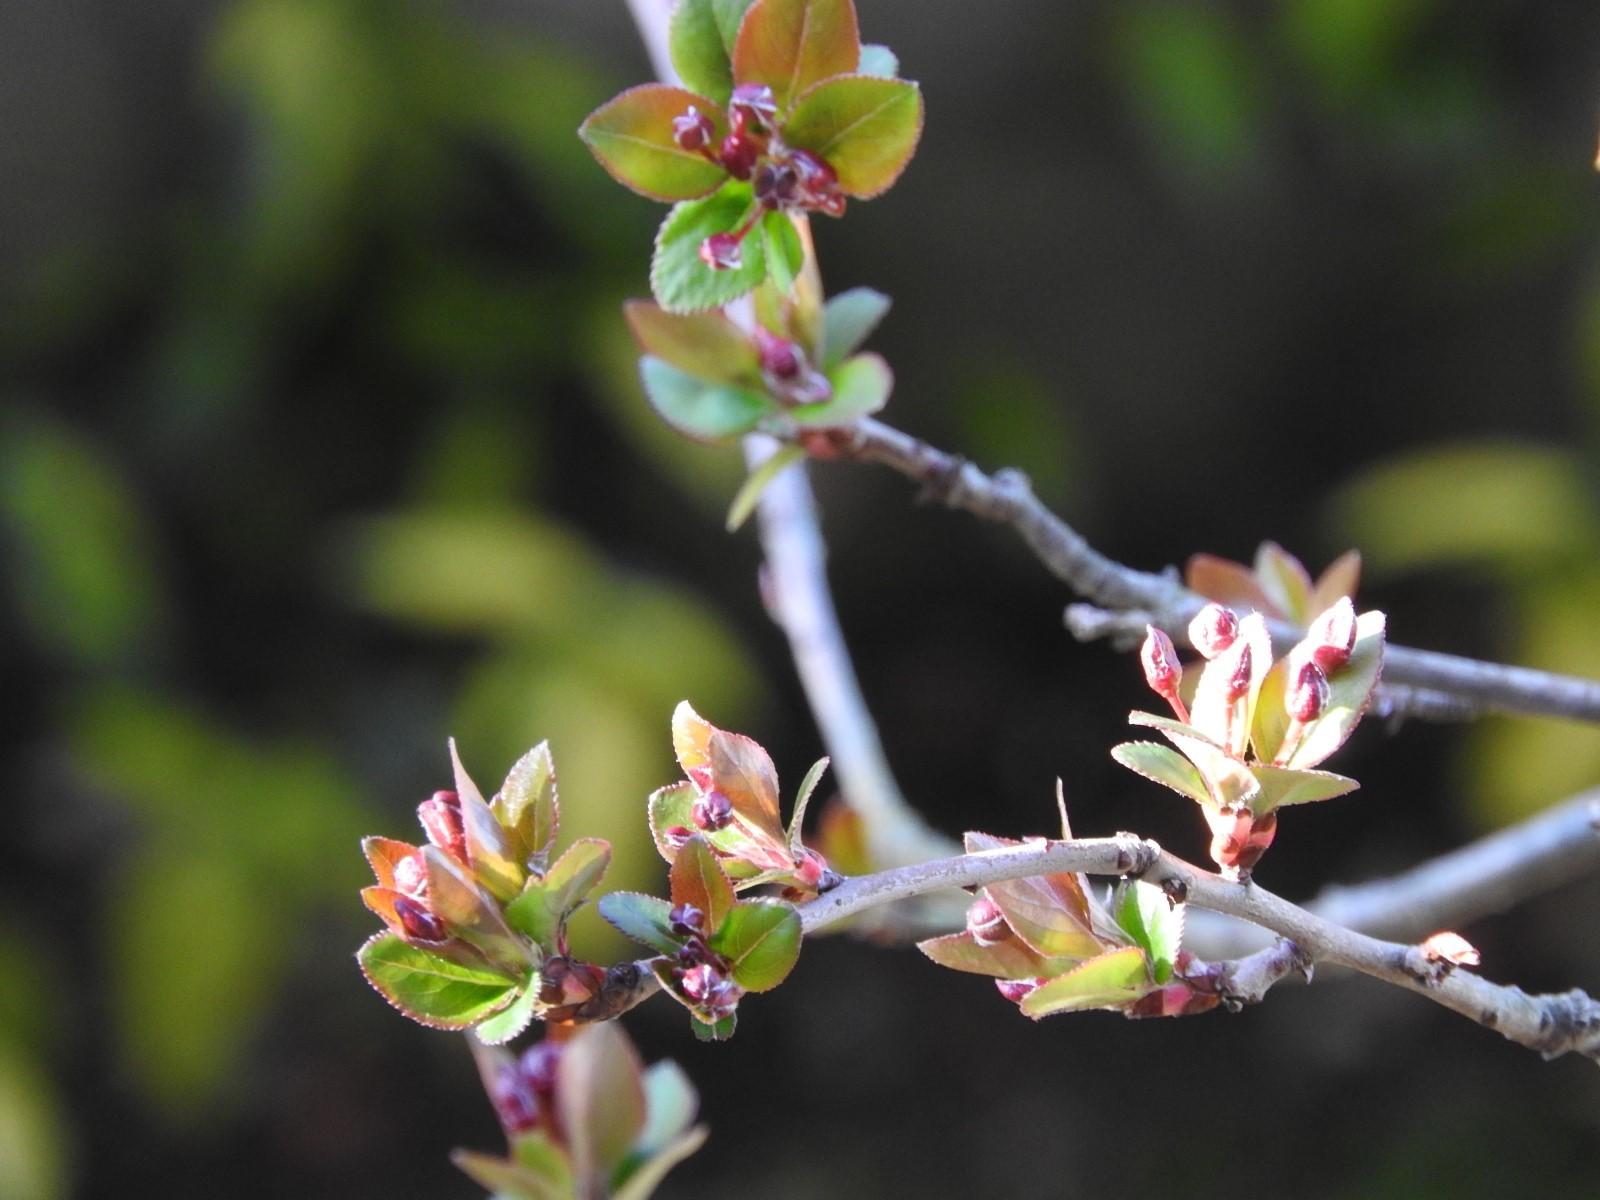 咲くときを待つ 花海棠_e0406450_20283510.jpg